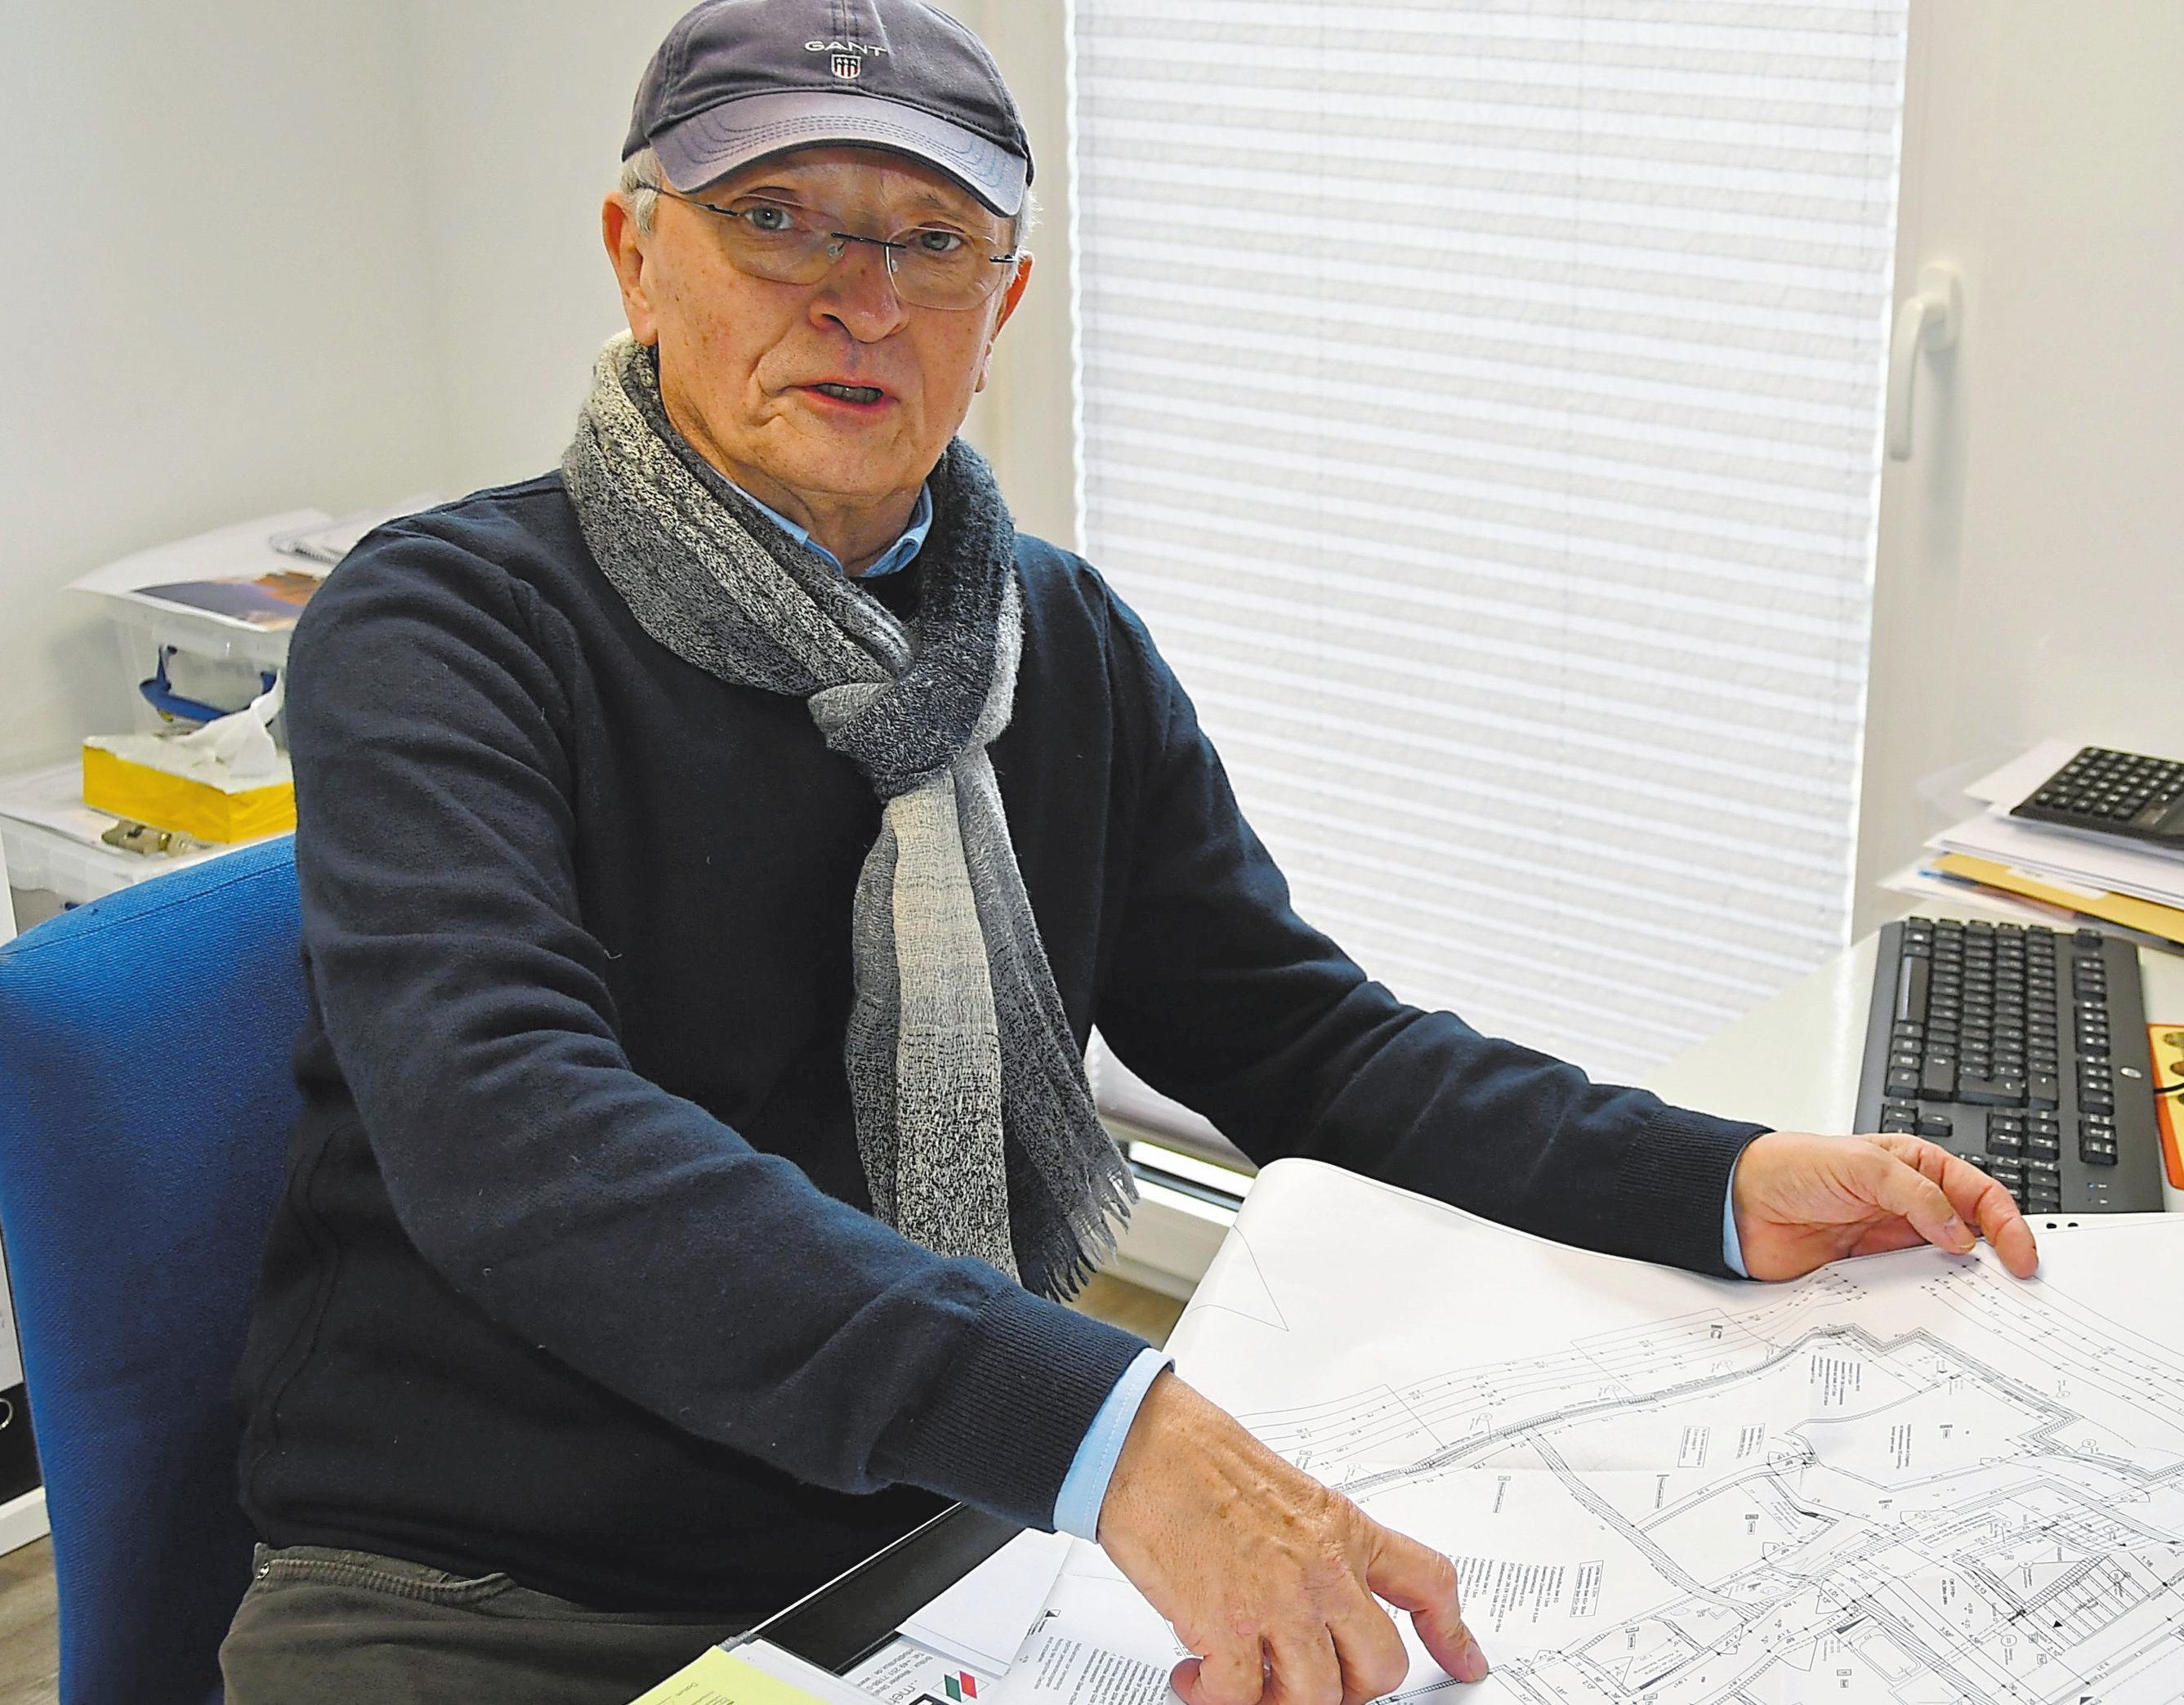 Felix Ahaus von Ahaus Immobilien ist verantwortlich für die Vermarktung der von Ahaus Bau erstellten Immobilien. Fotos: Pia Weinekötter